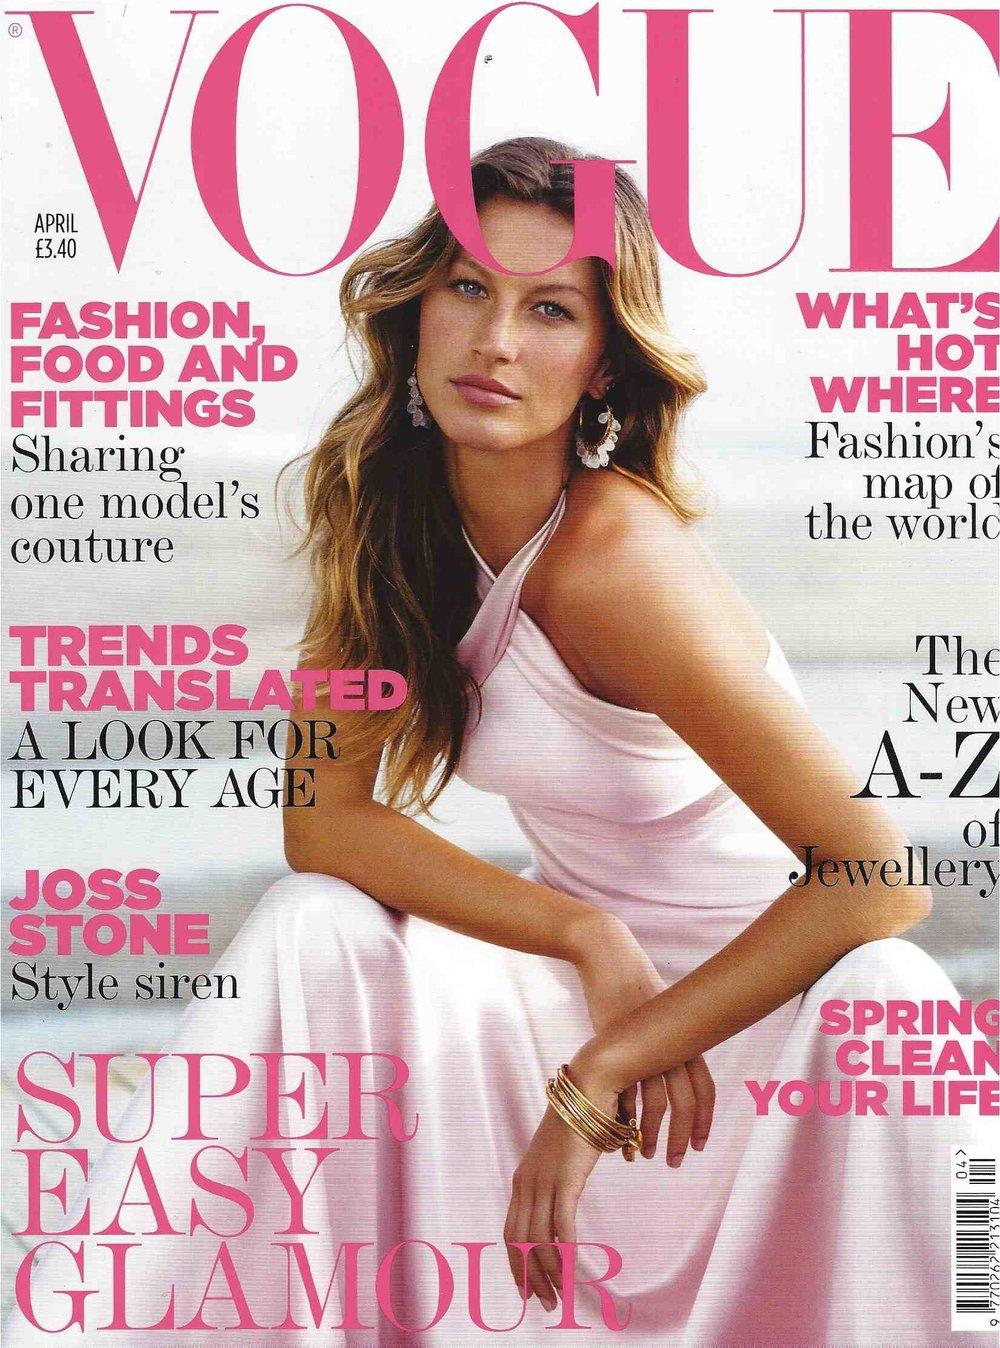 Patrick Demarchelier - British Vogue Cover - Gisele Bundchen April 2005.jpg